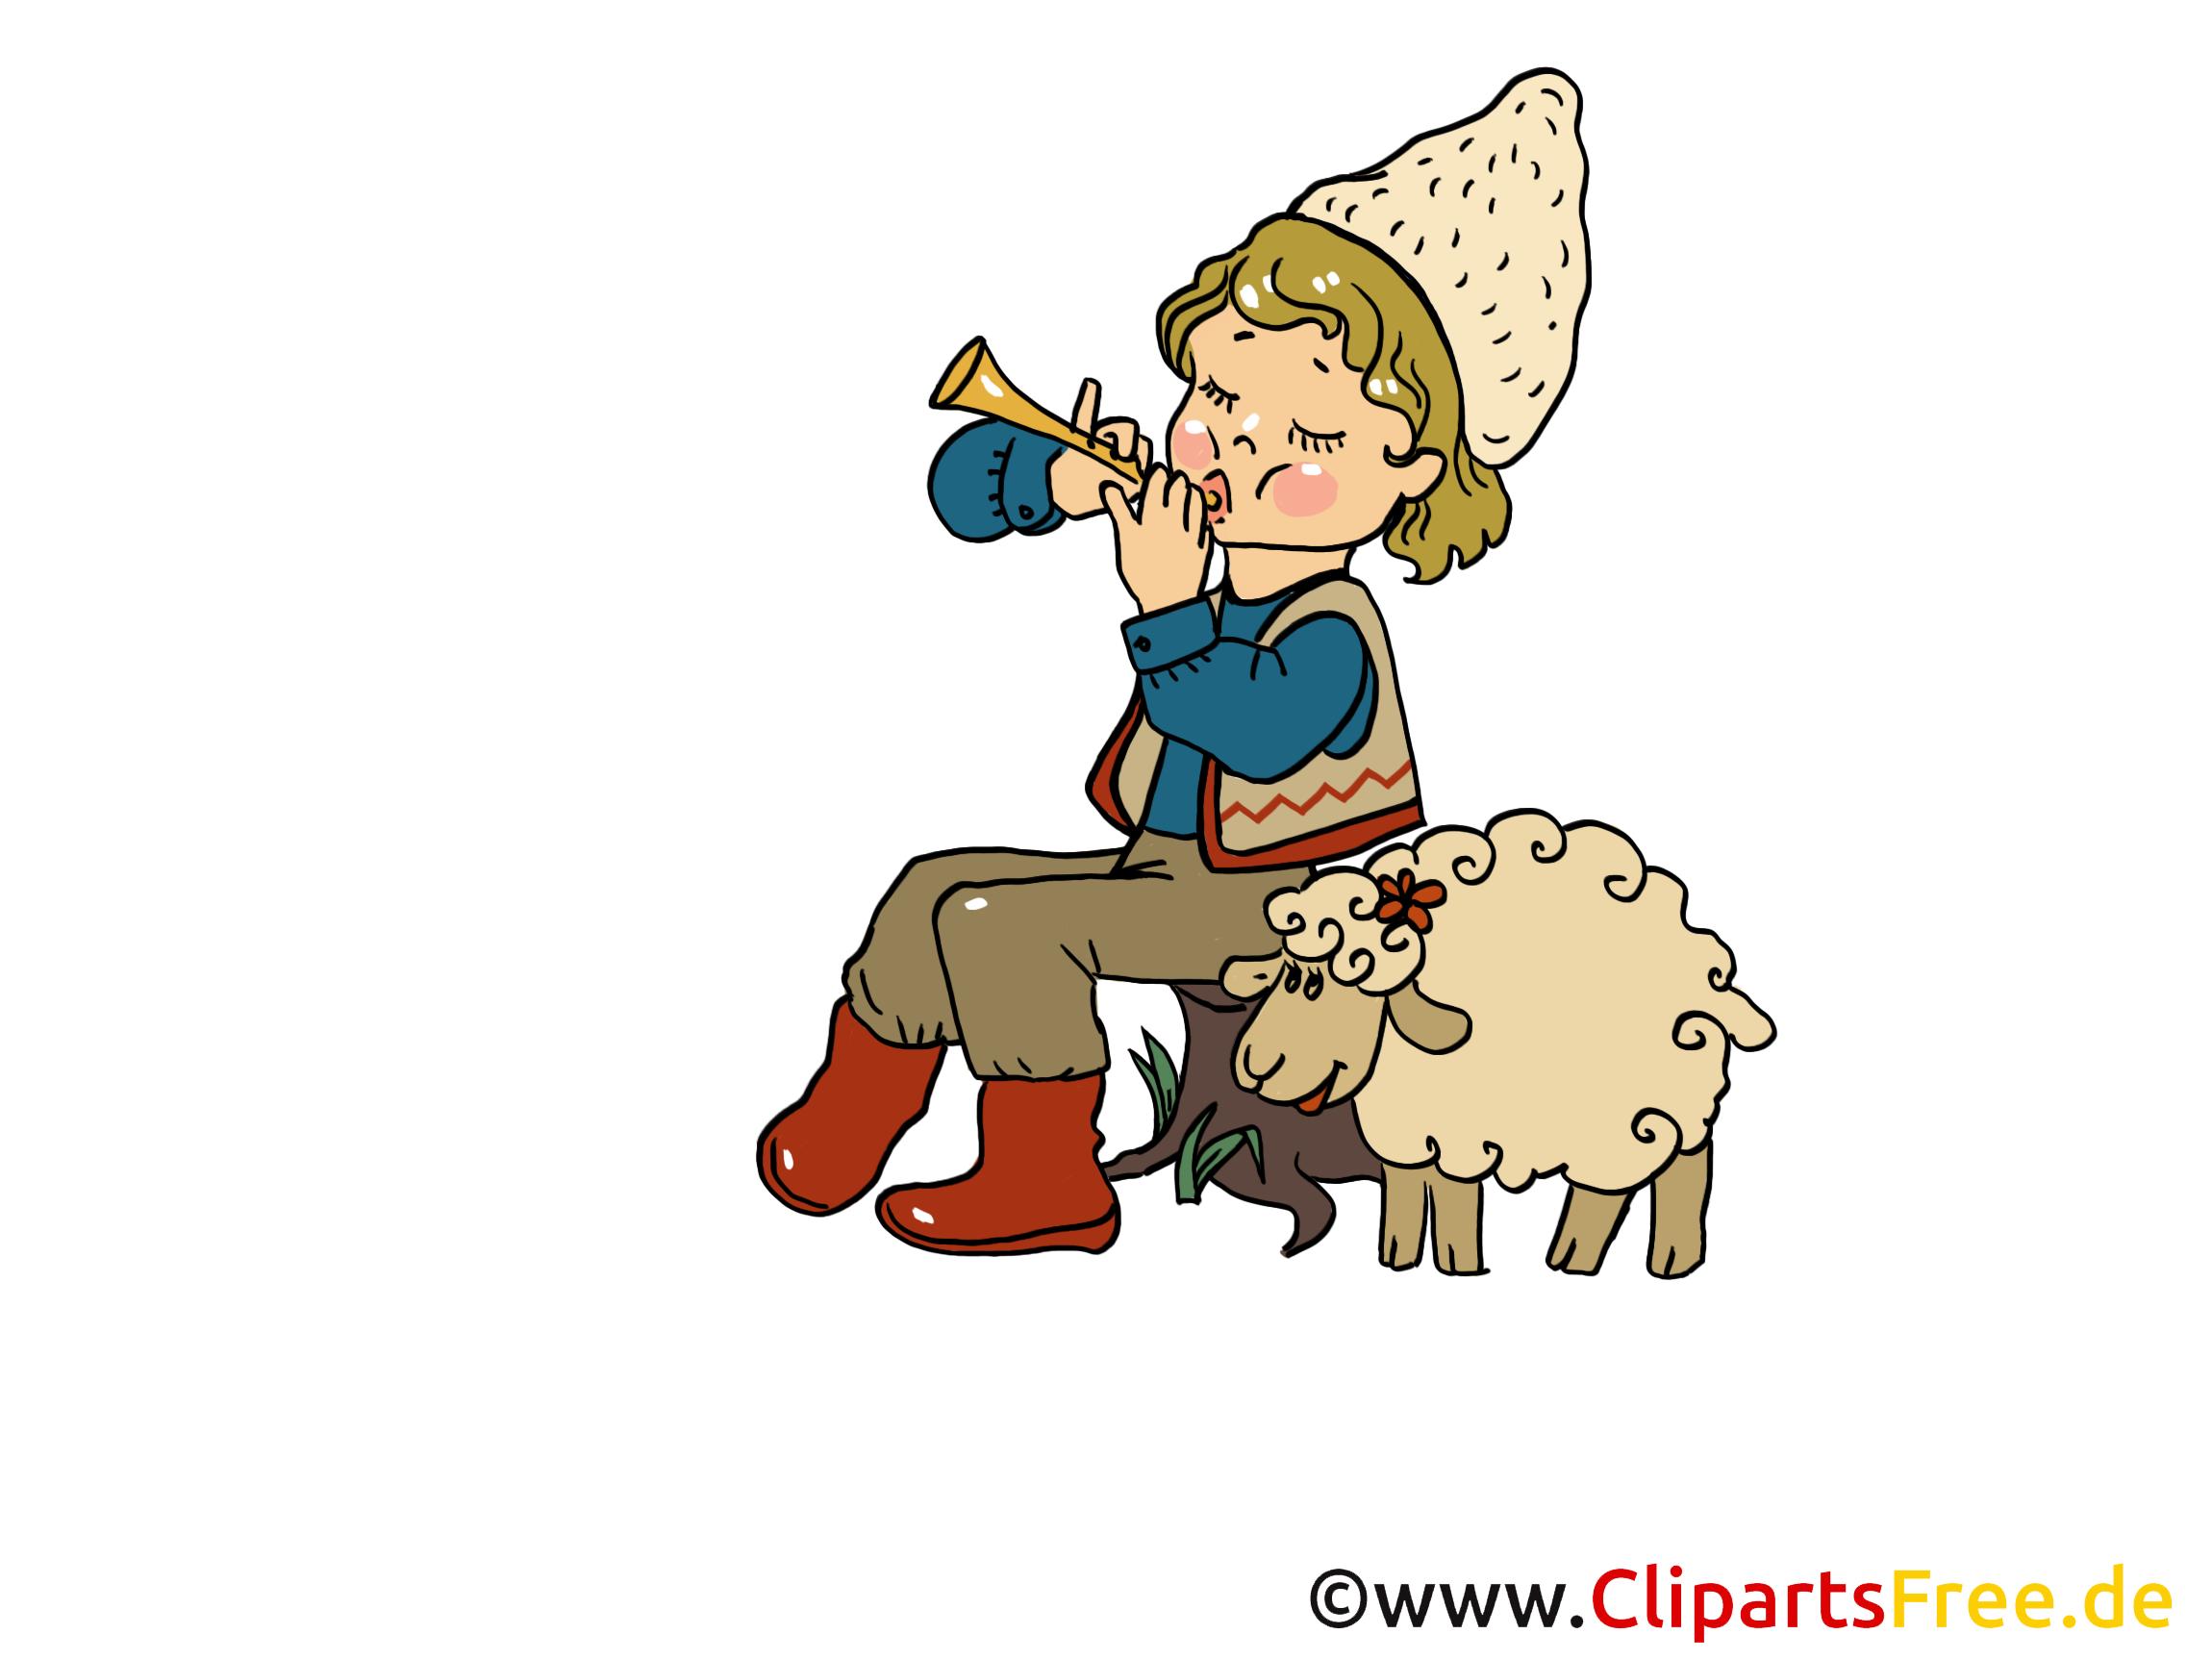 Clipart Hirte mit Schaf